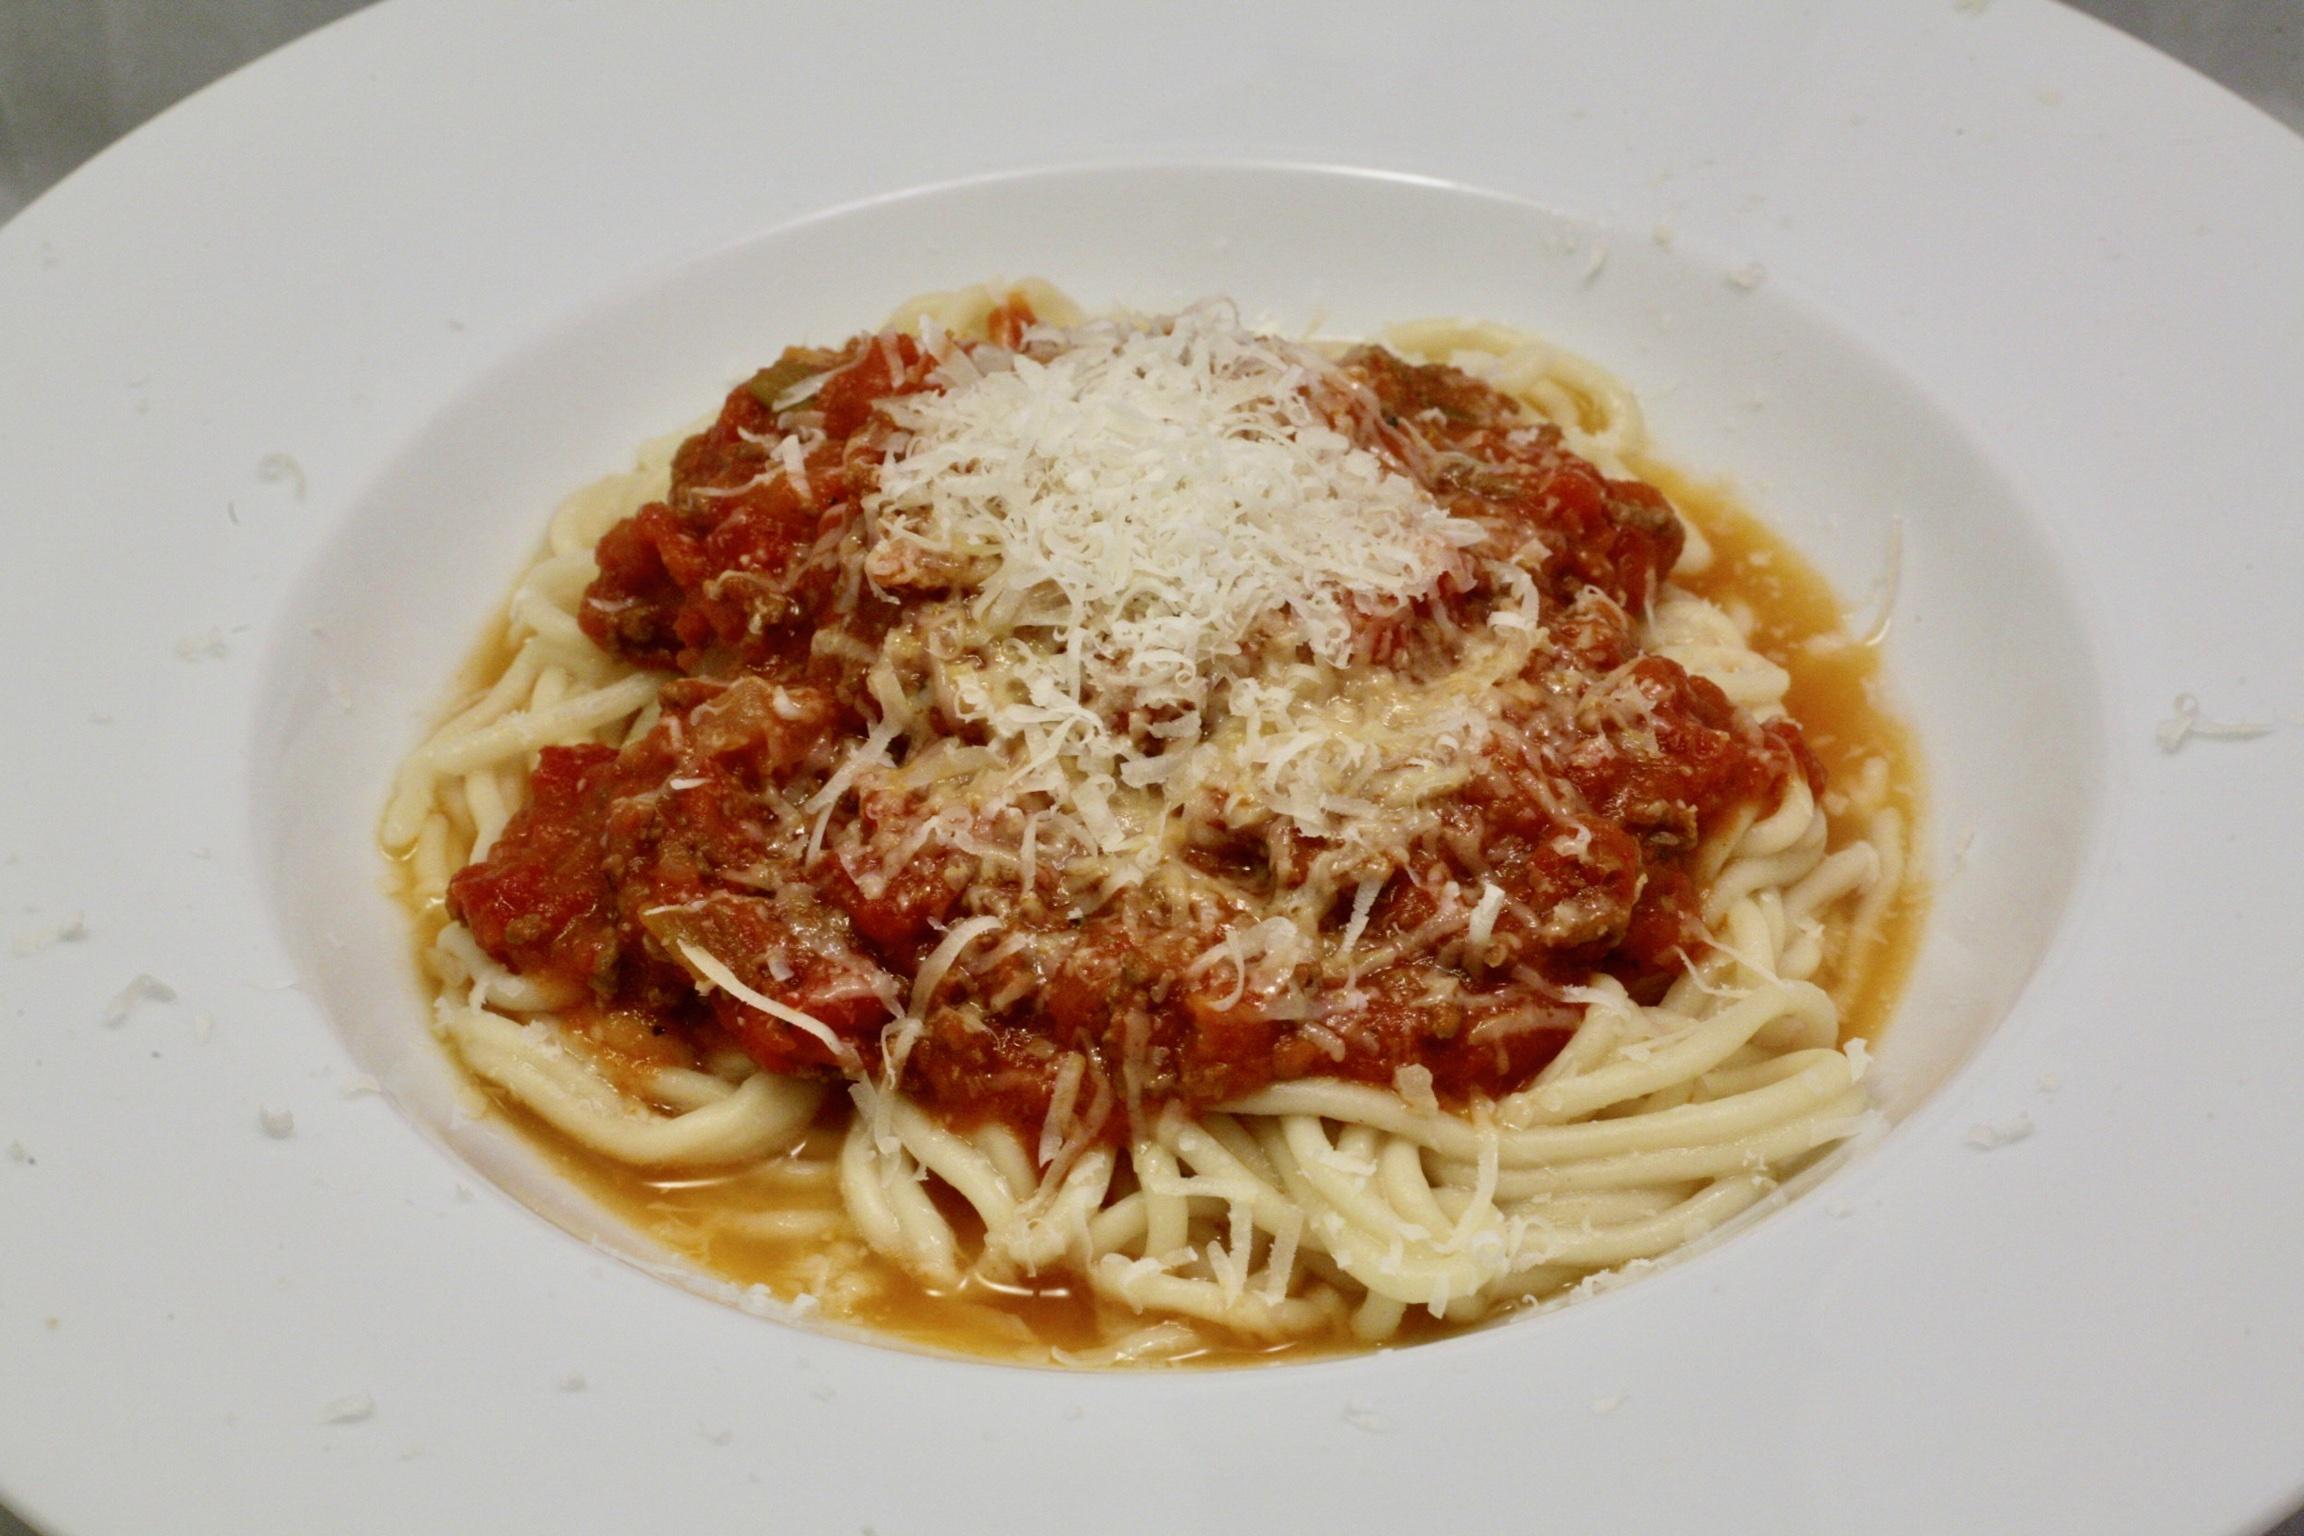 Frische Spaghetti mit Sauce Bolognese mit Dom Perignon